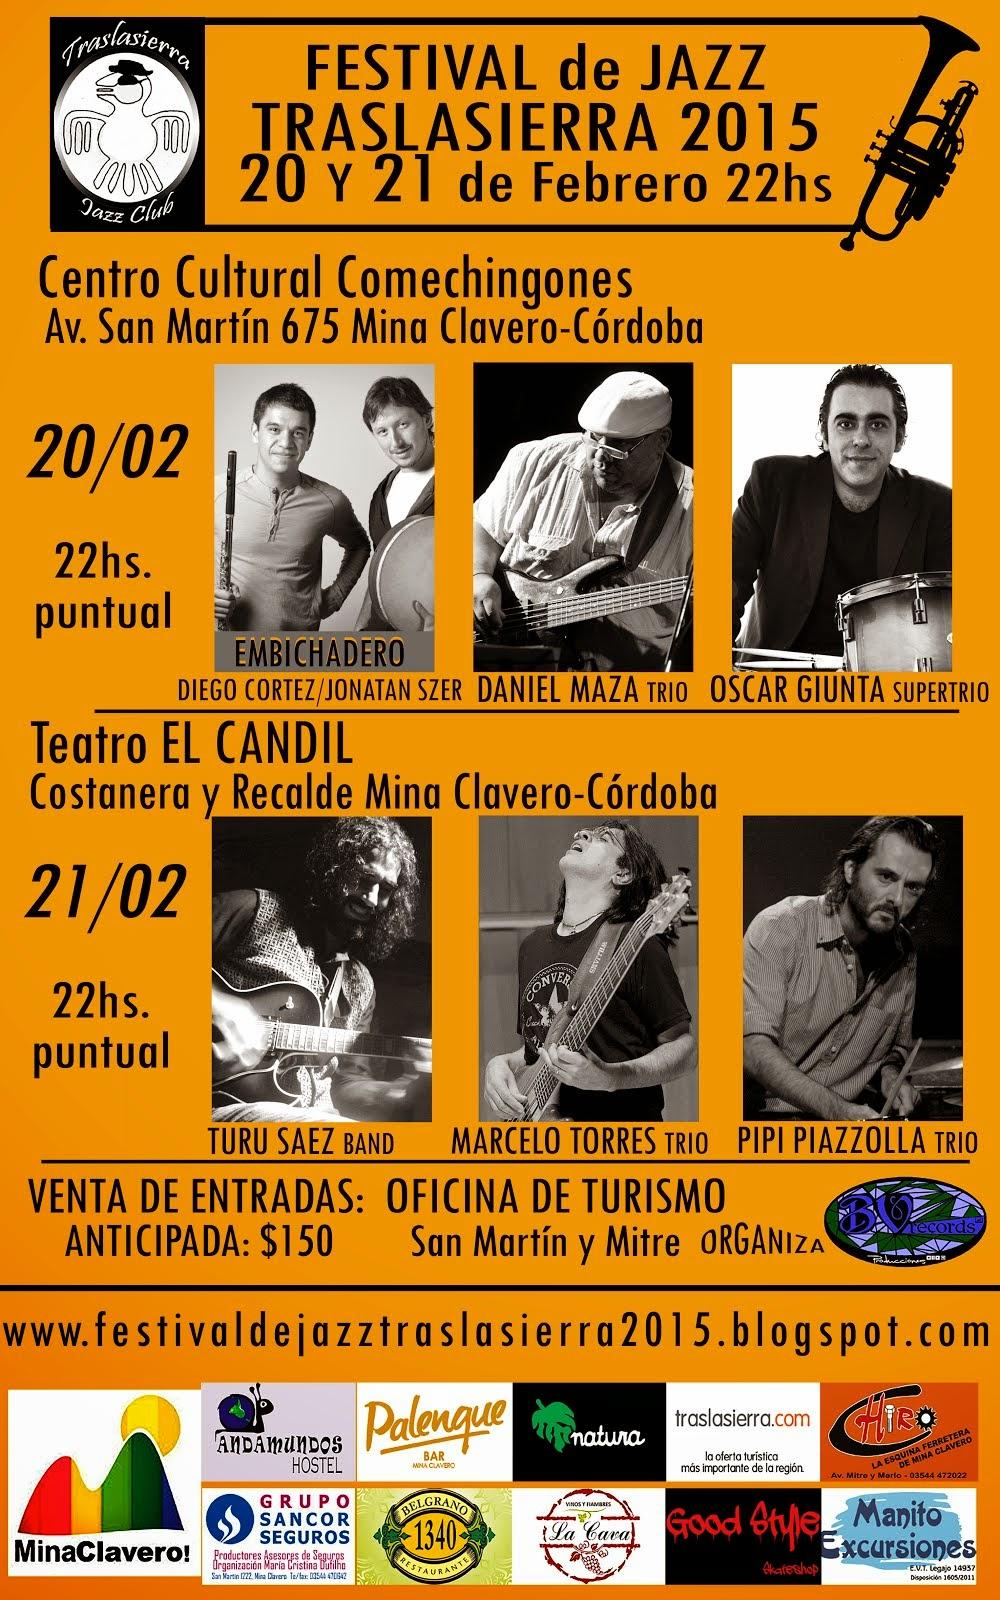 Festival de Jazz TRASLASIERRA 2015